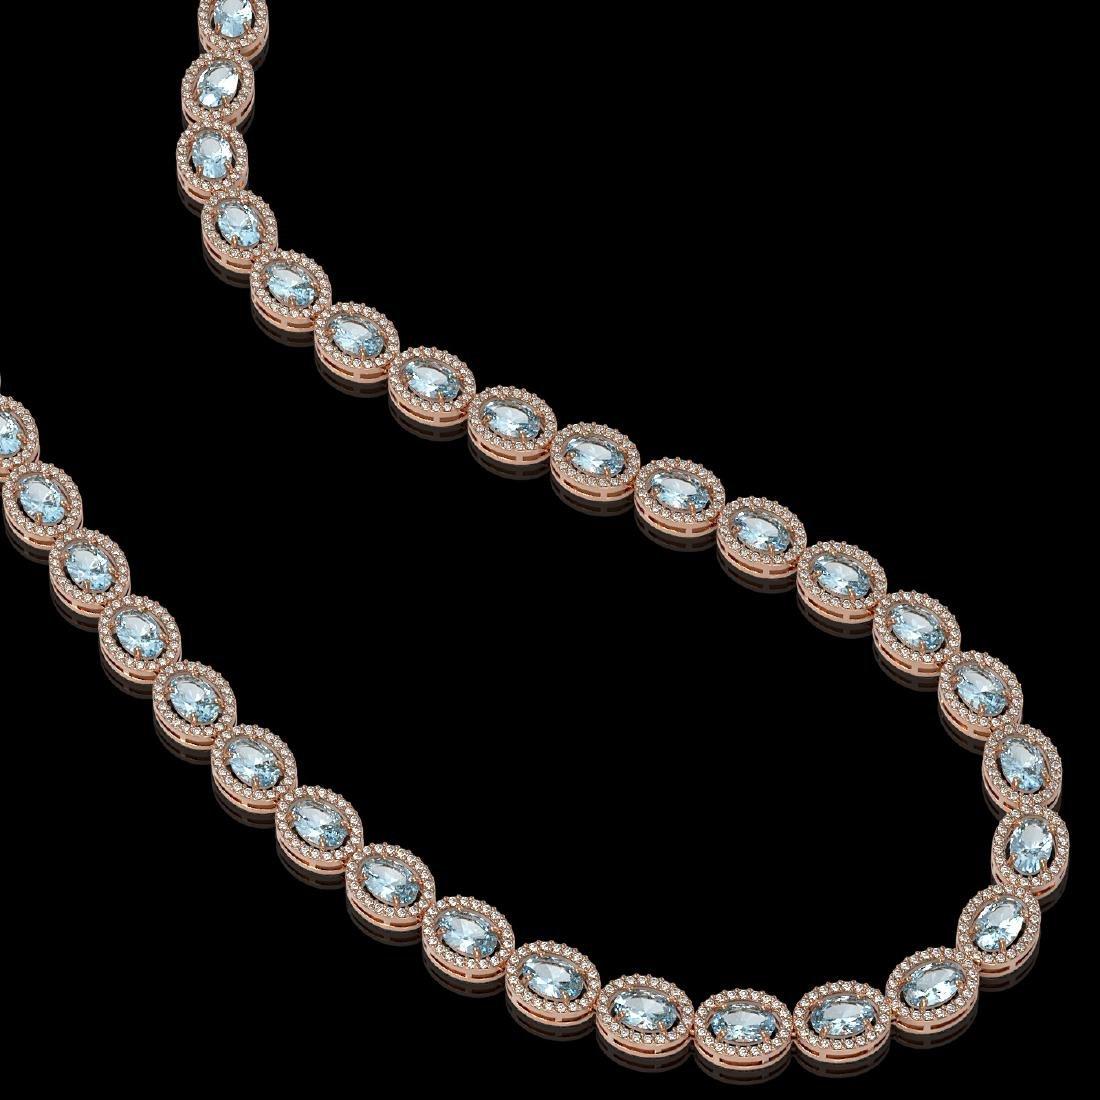 24.65 CTW Aquamarine & Diamond Necklace Rose Gold 10K - 2